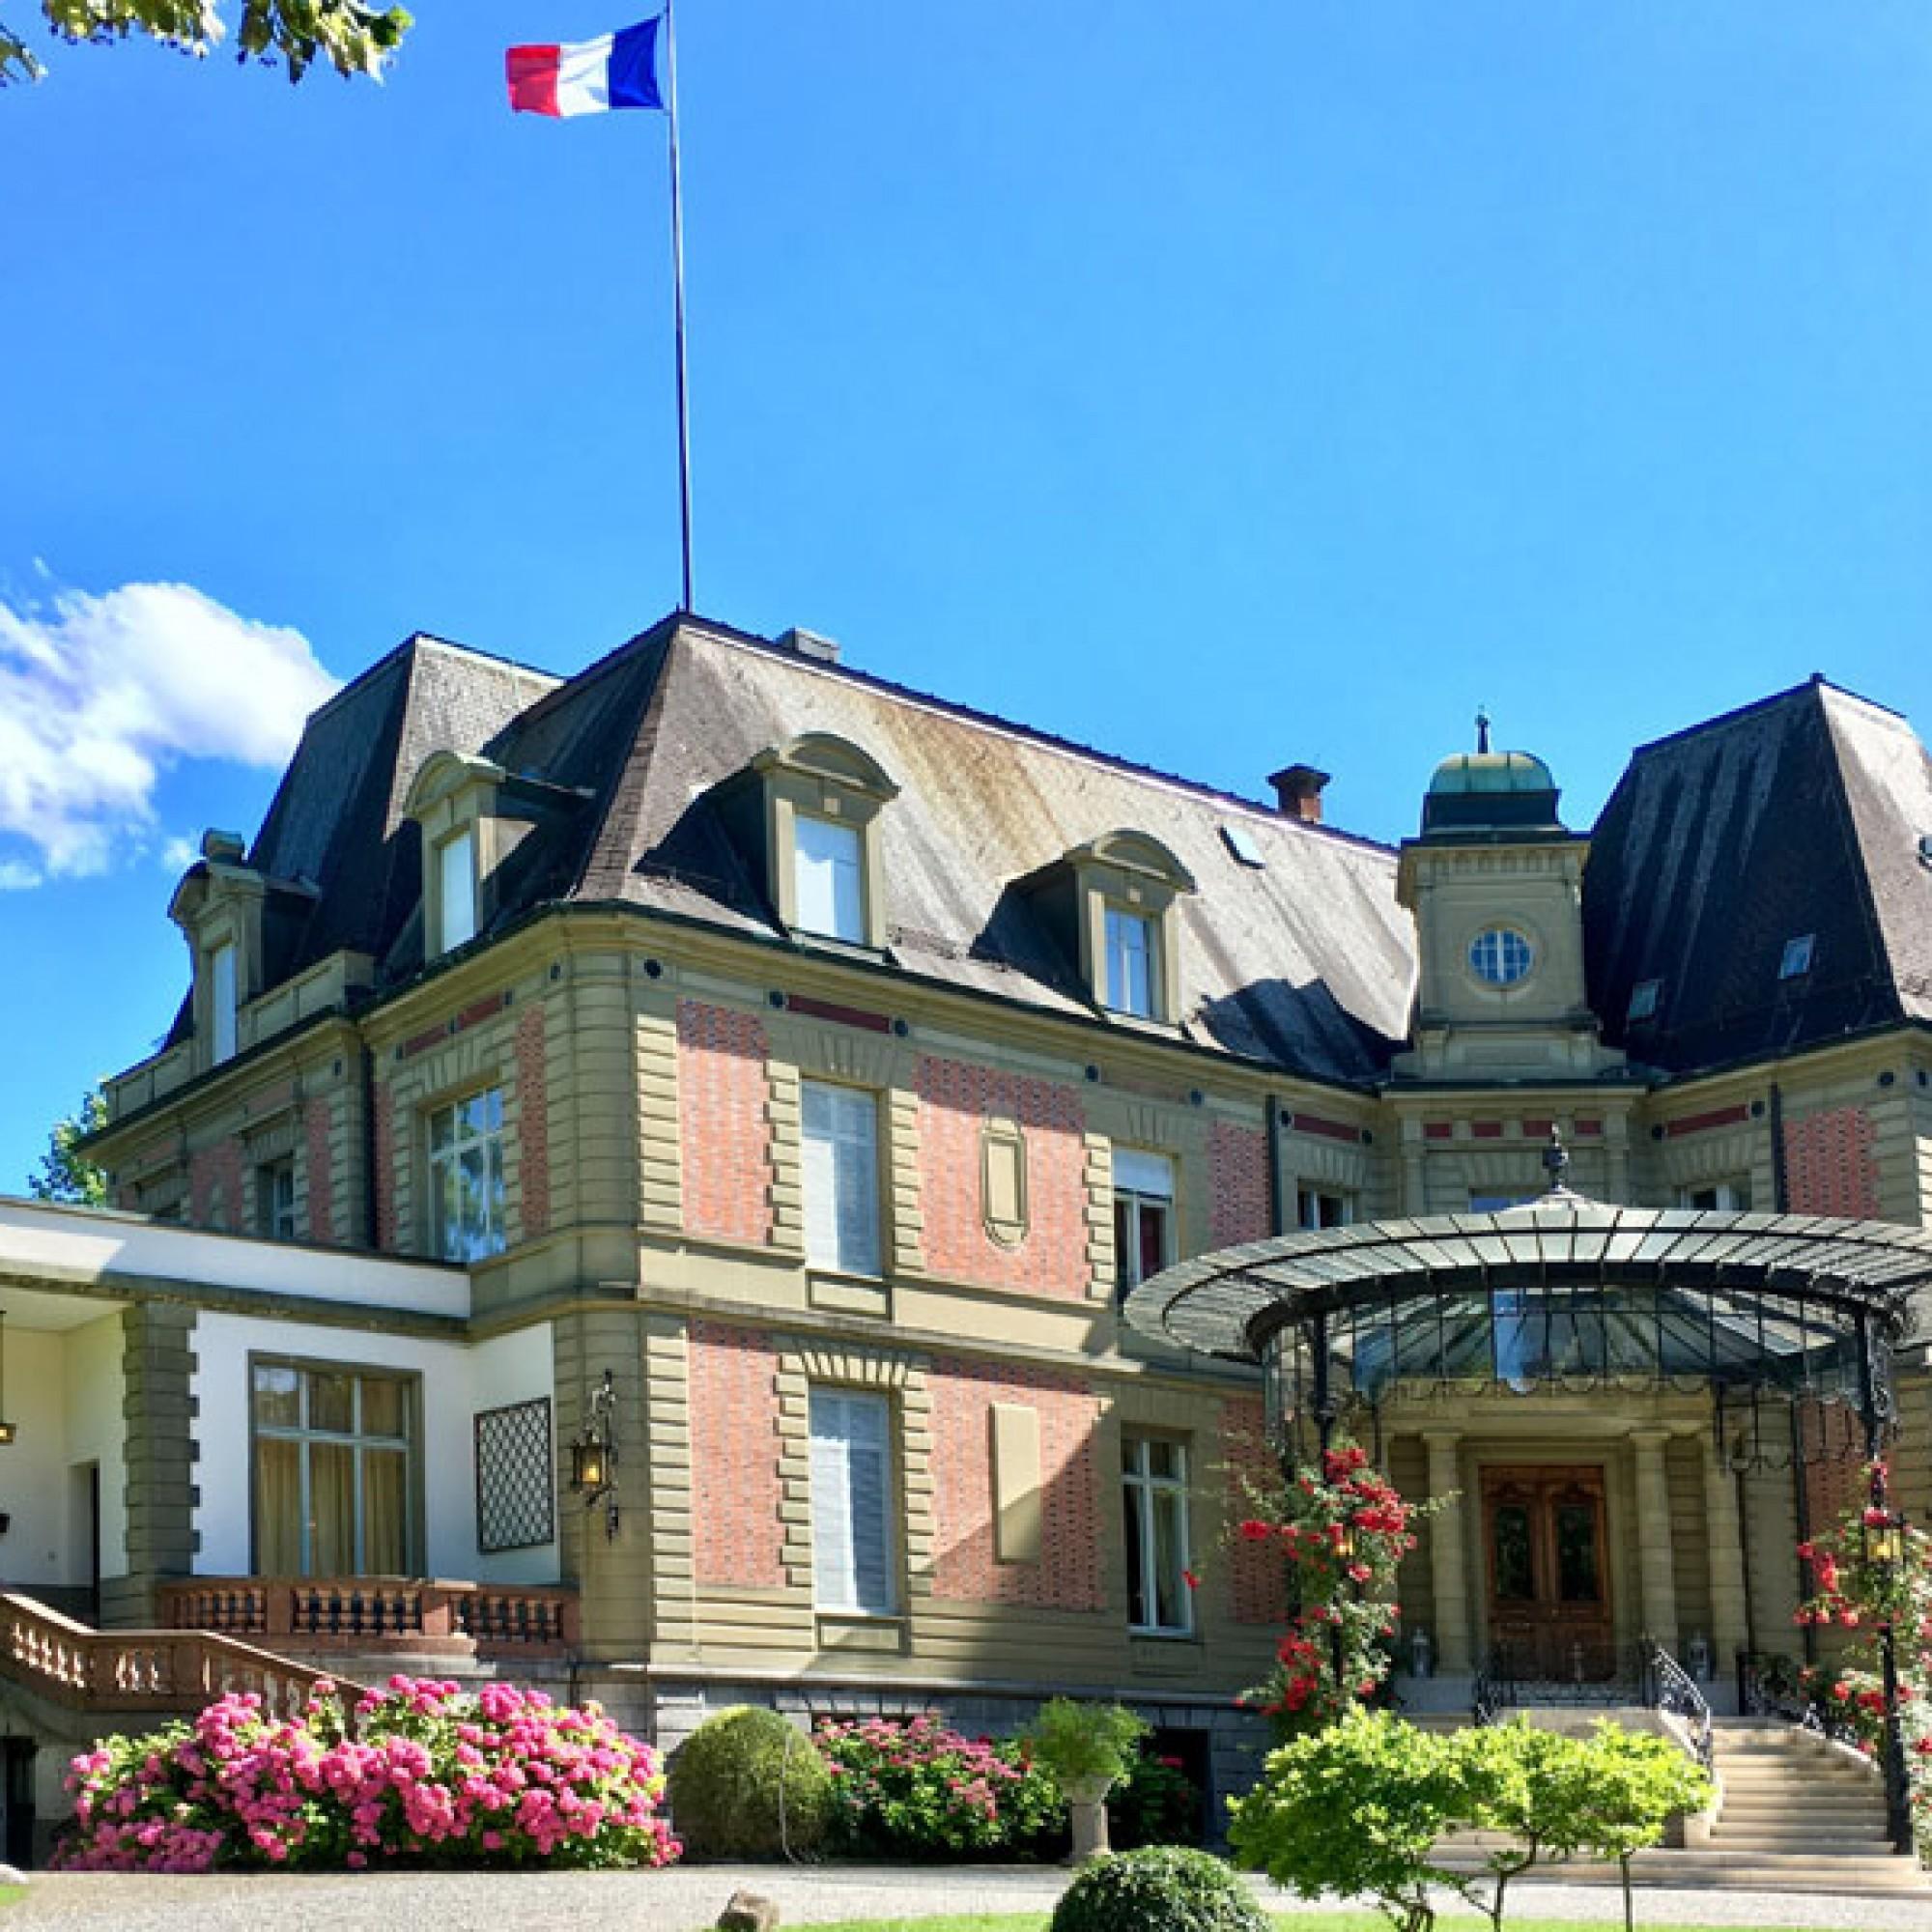 Die Französische Botschaft in der Schweiz lädt zur Besichtigung der Villa von Tscharner in Bern ein. (Bild: © C. Boillat / Französische Botschaft)